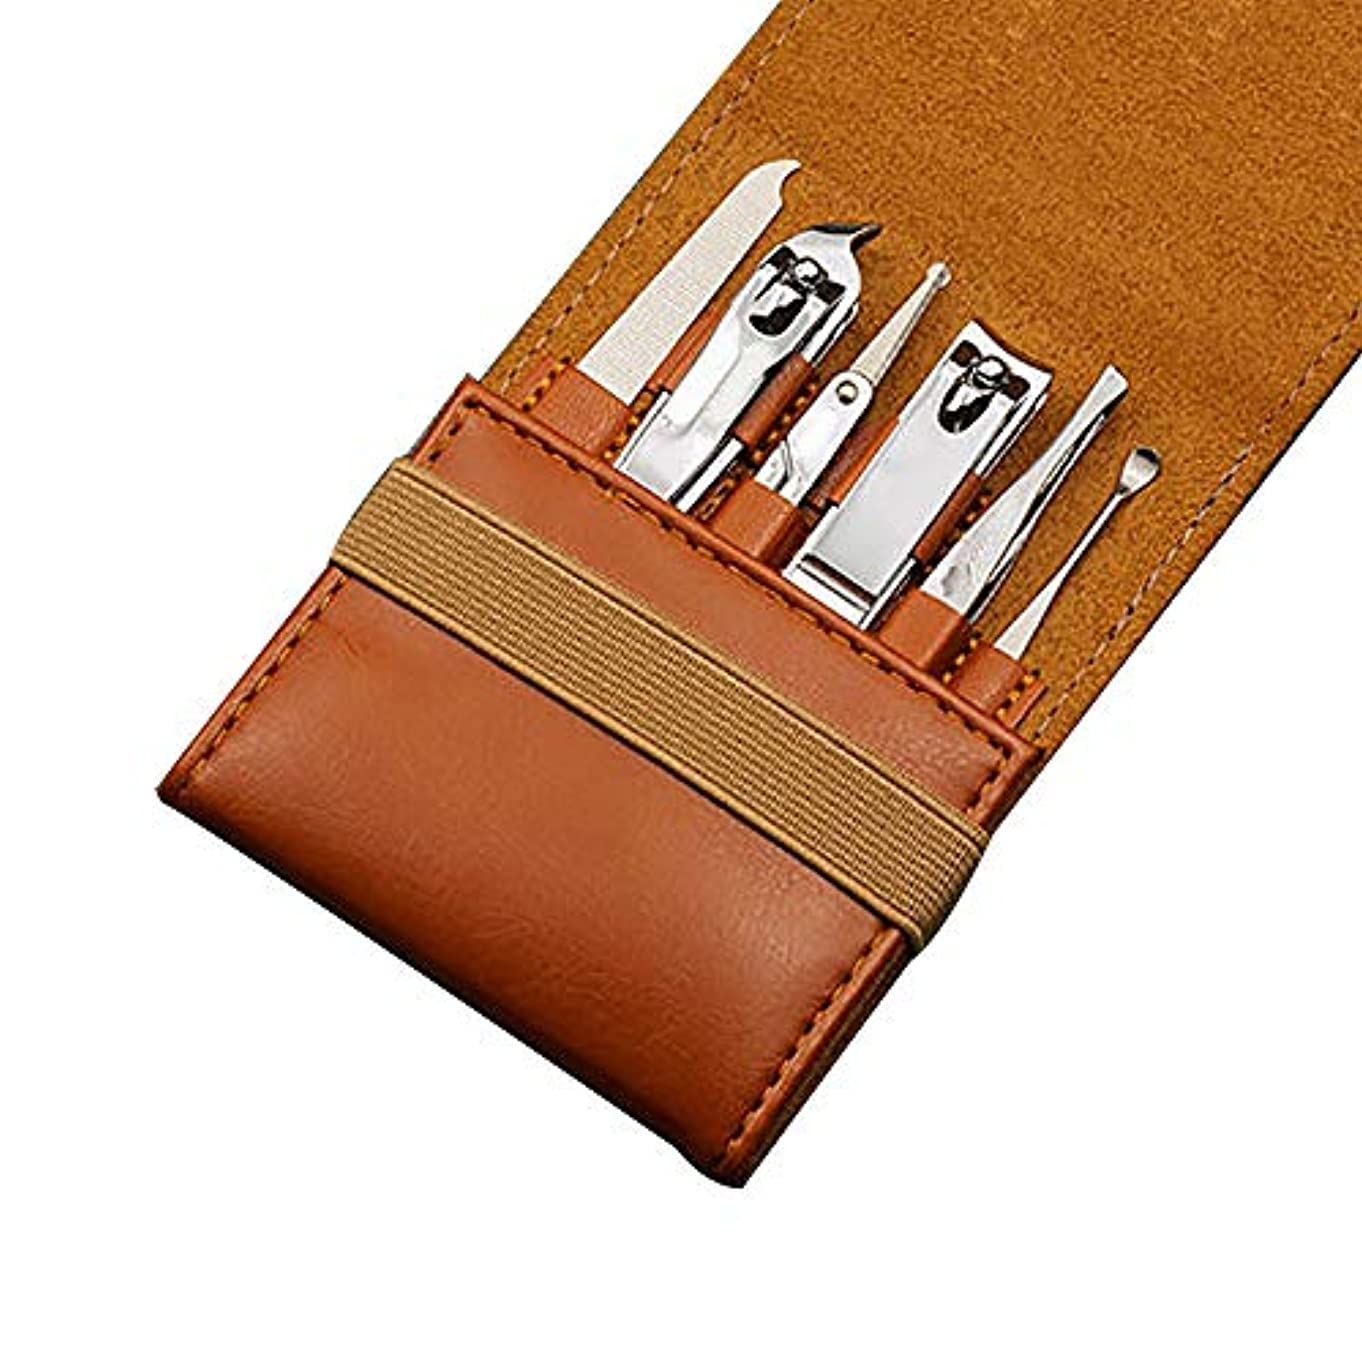 満員反逆測定かわいい爪切りセット多機能 美容セット高級ブラウンPUレザーケース付き、6点セット